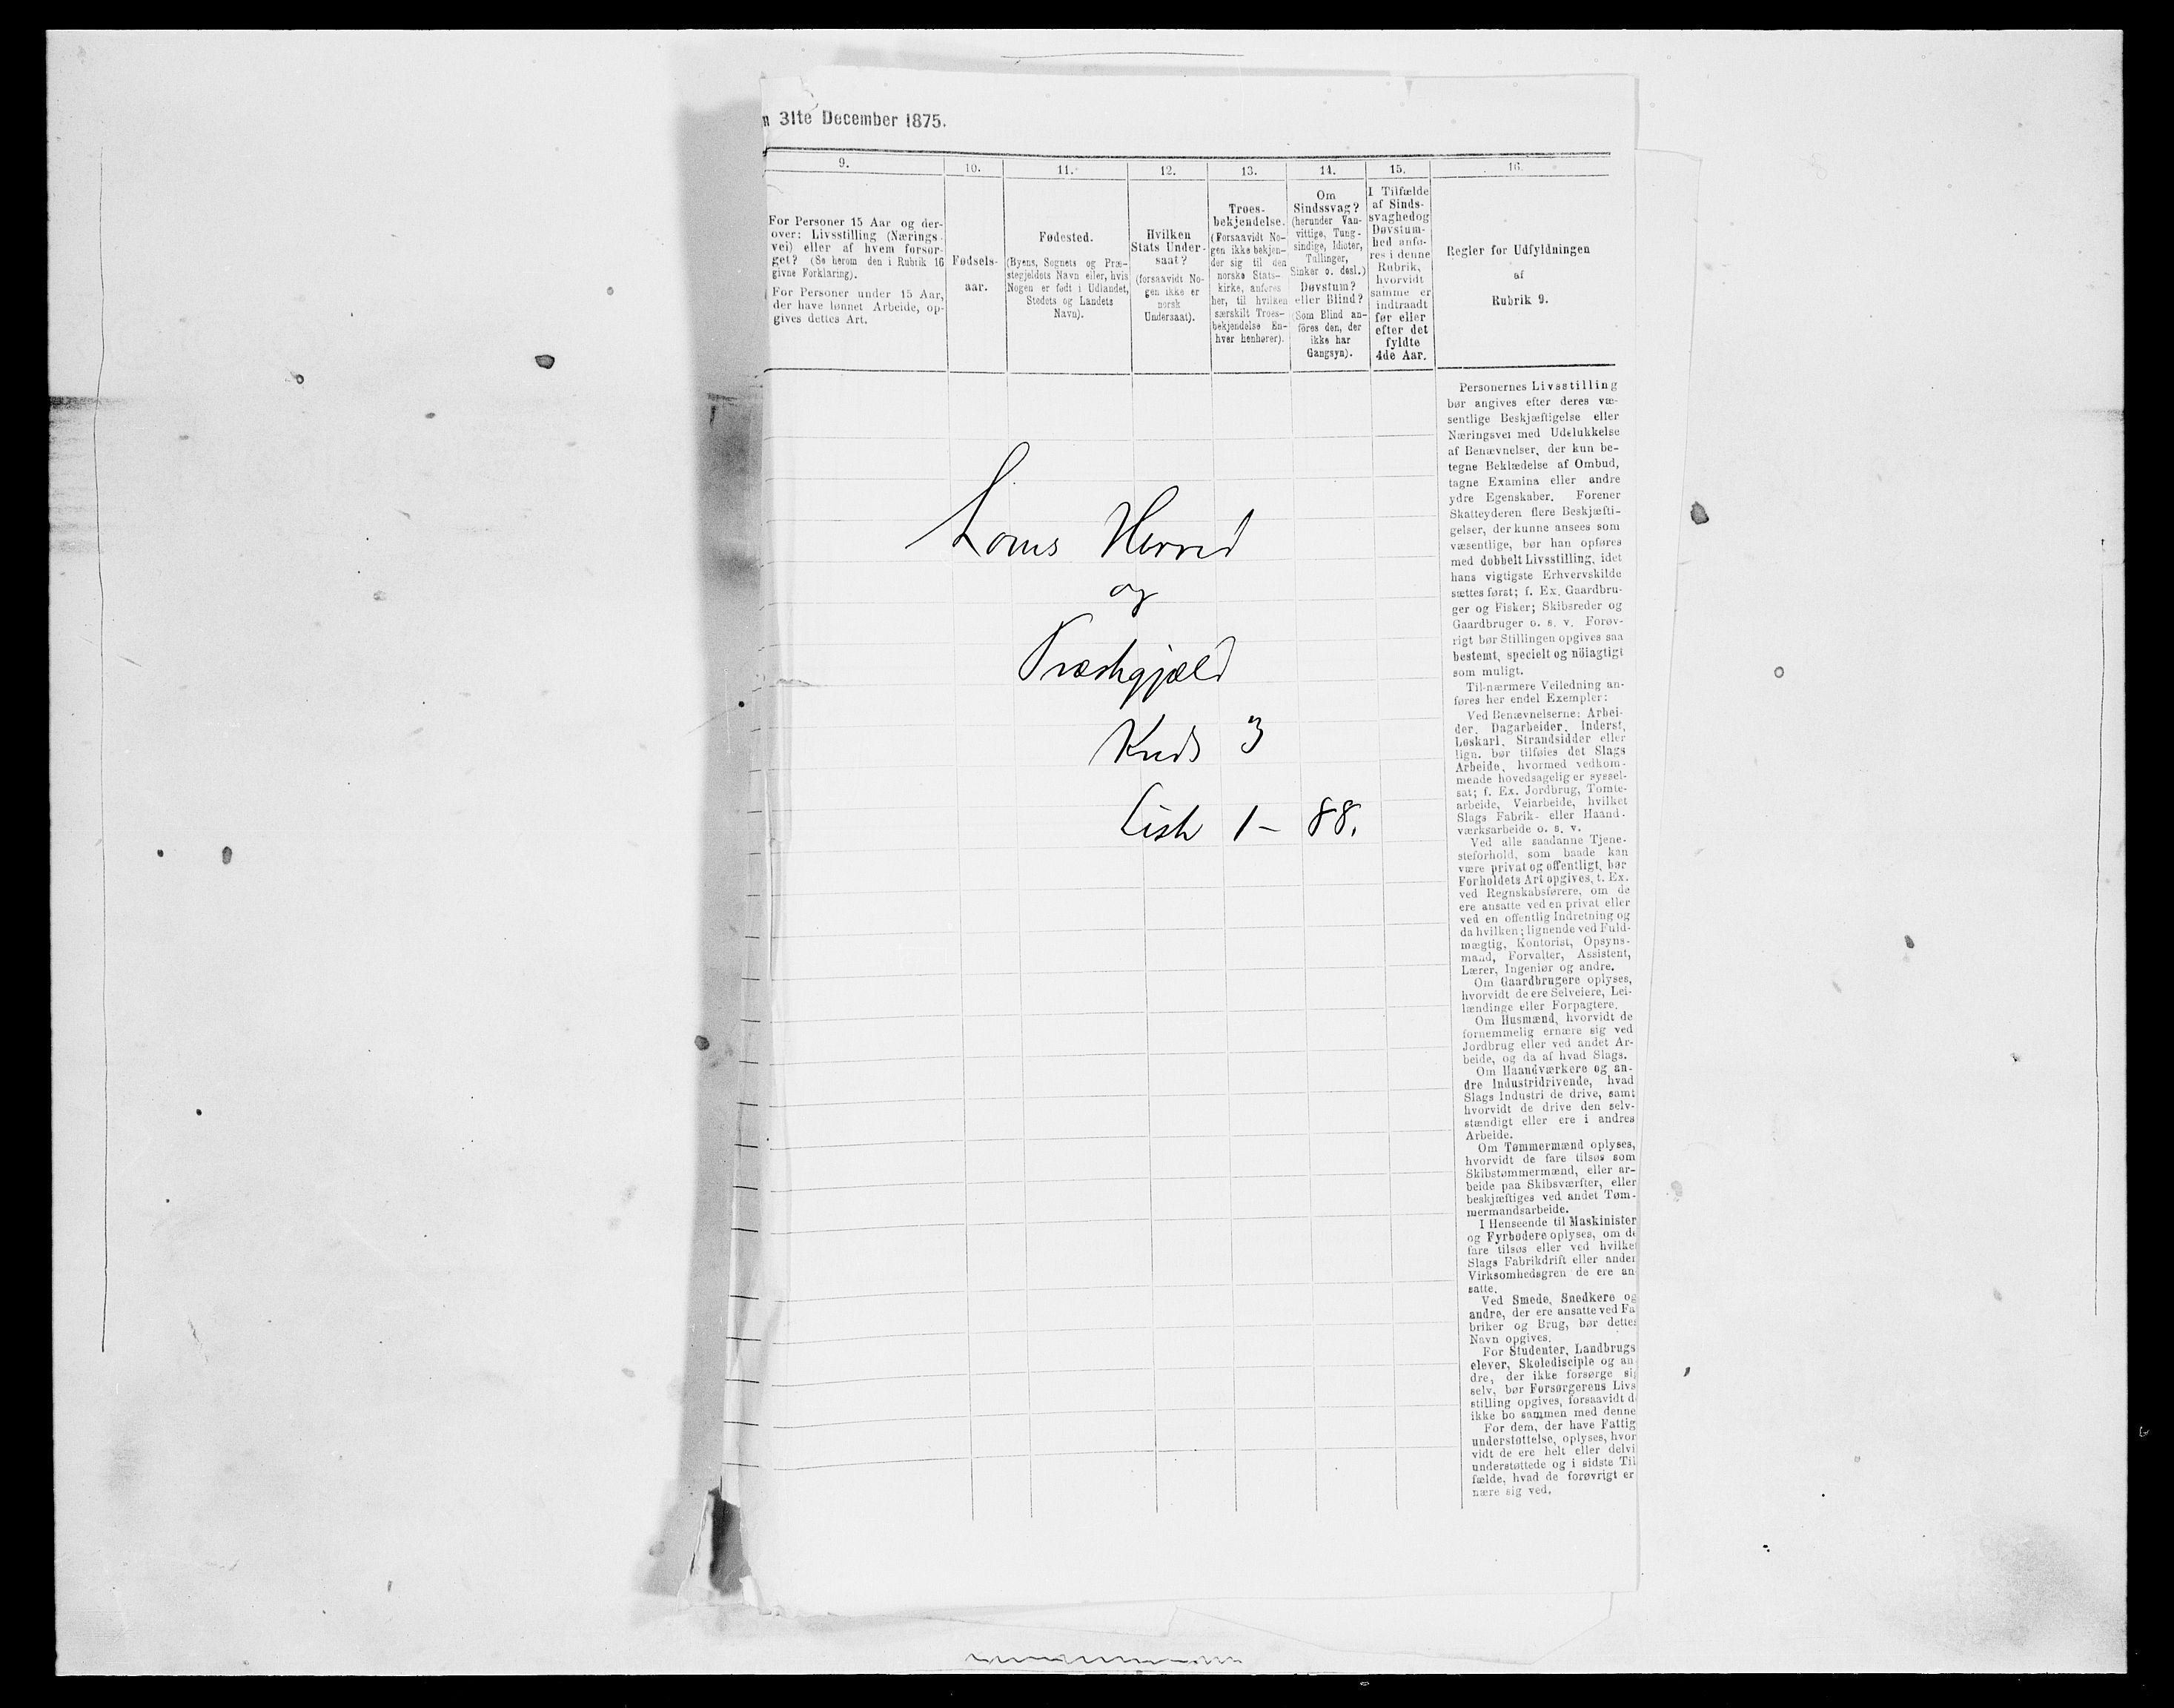 SAH, Folketelling 1875 for 0514P Lom prestegjeld, 1875, s. 408